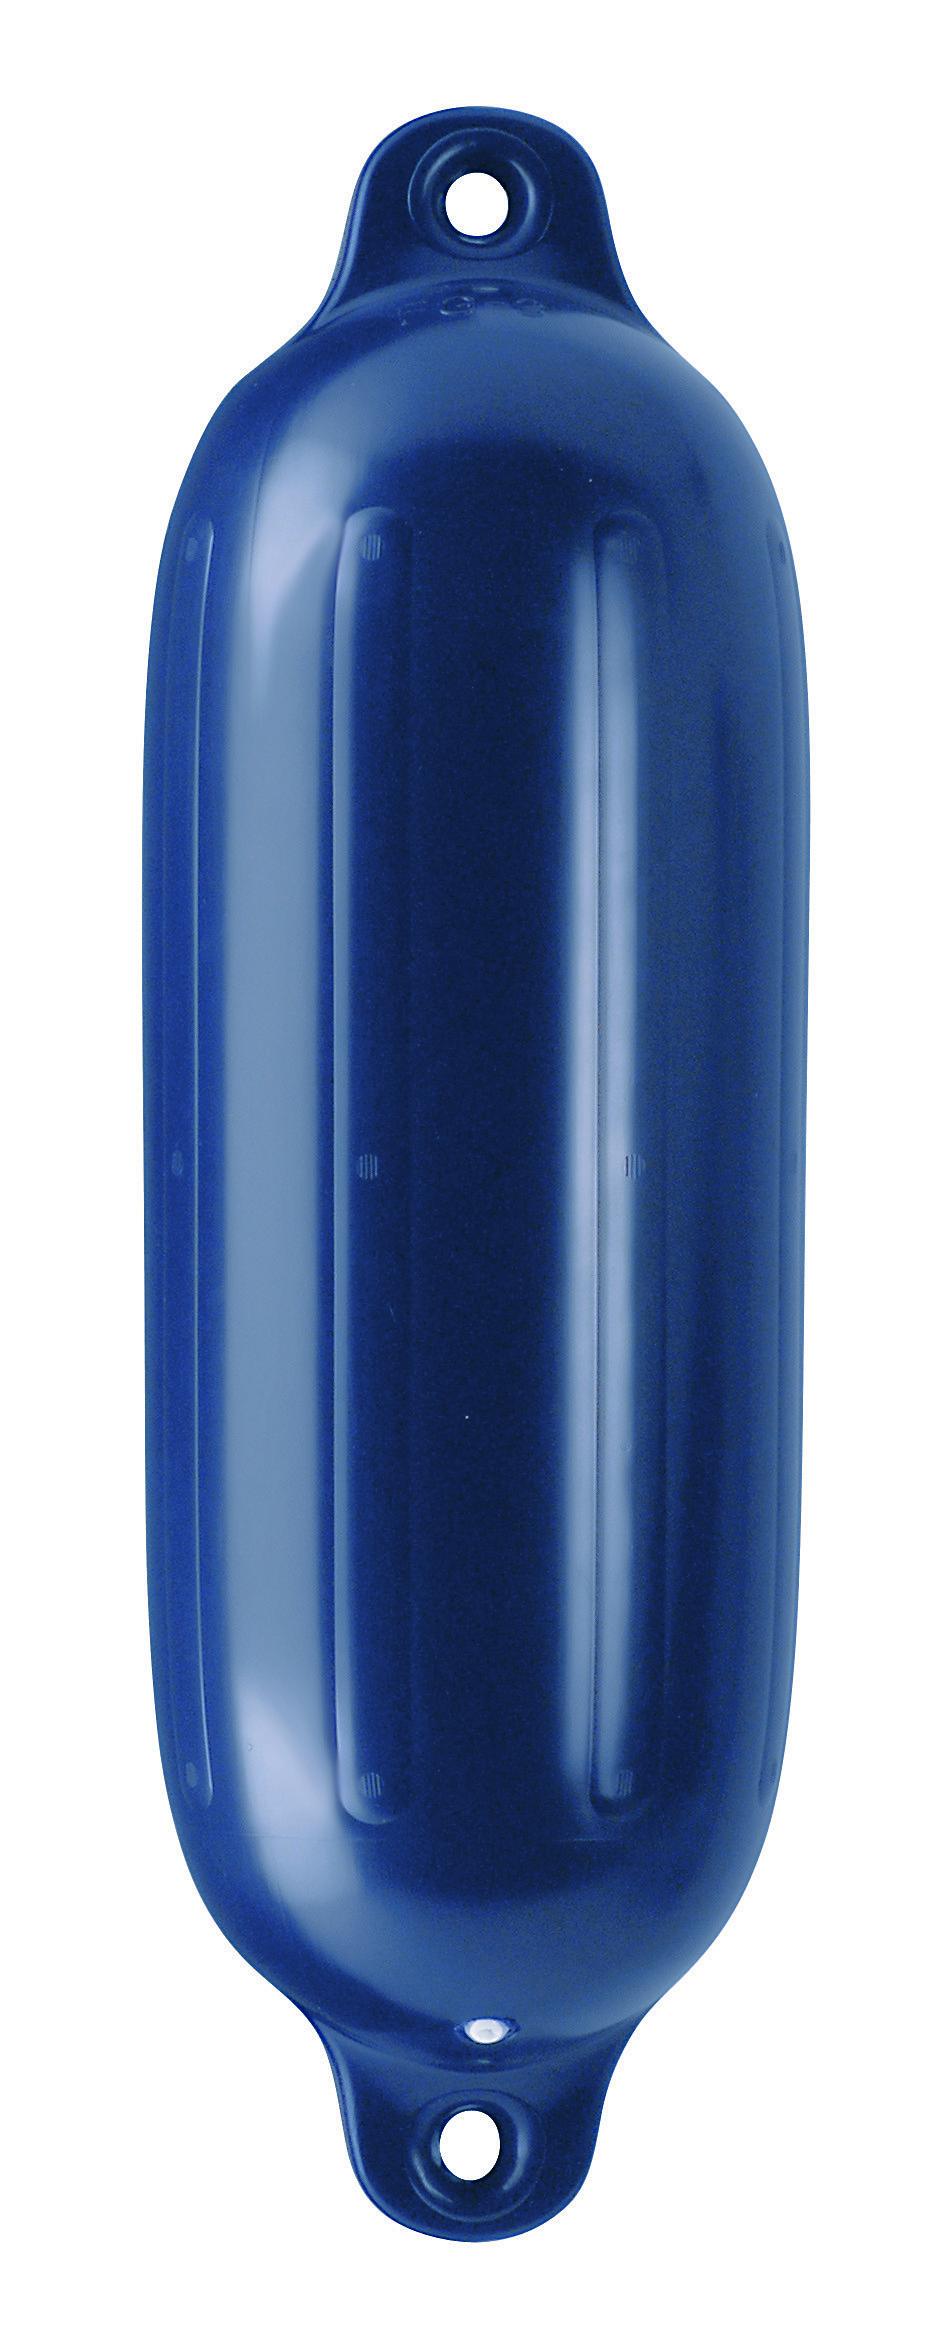 22.02 - Μπαλόνι POLYFORM Με Διπλό Μάτι Σειρά G Χρώματος Μπλε 17x58.5cm